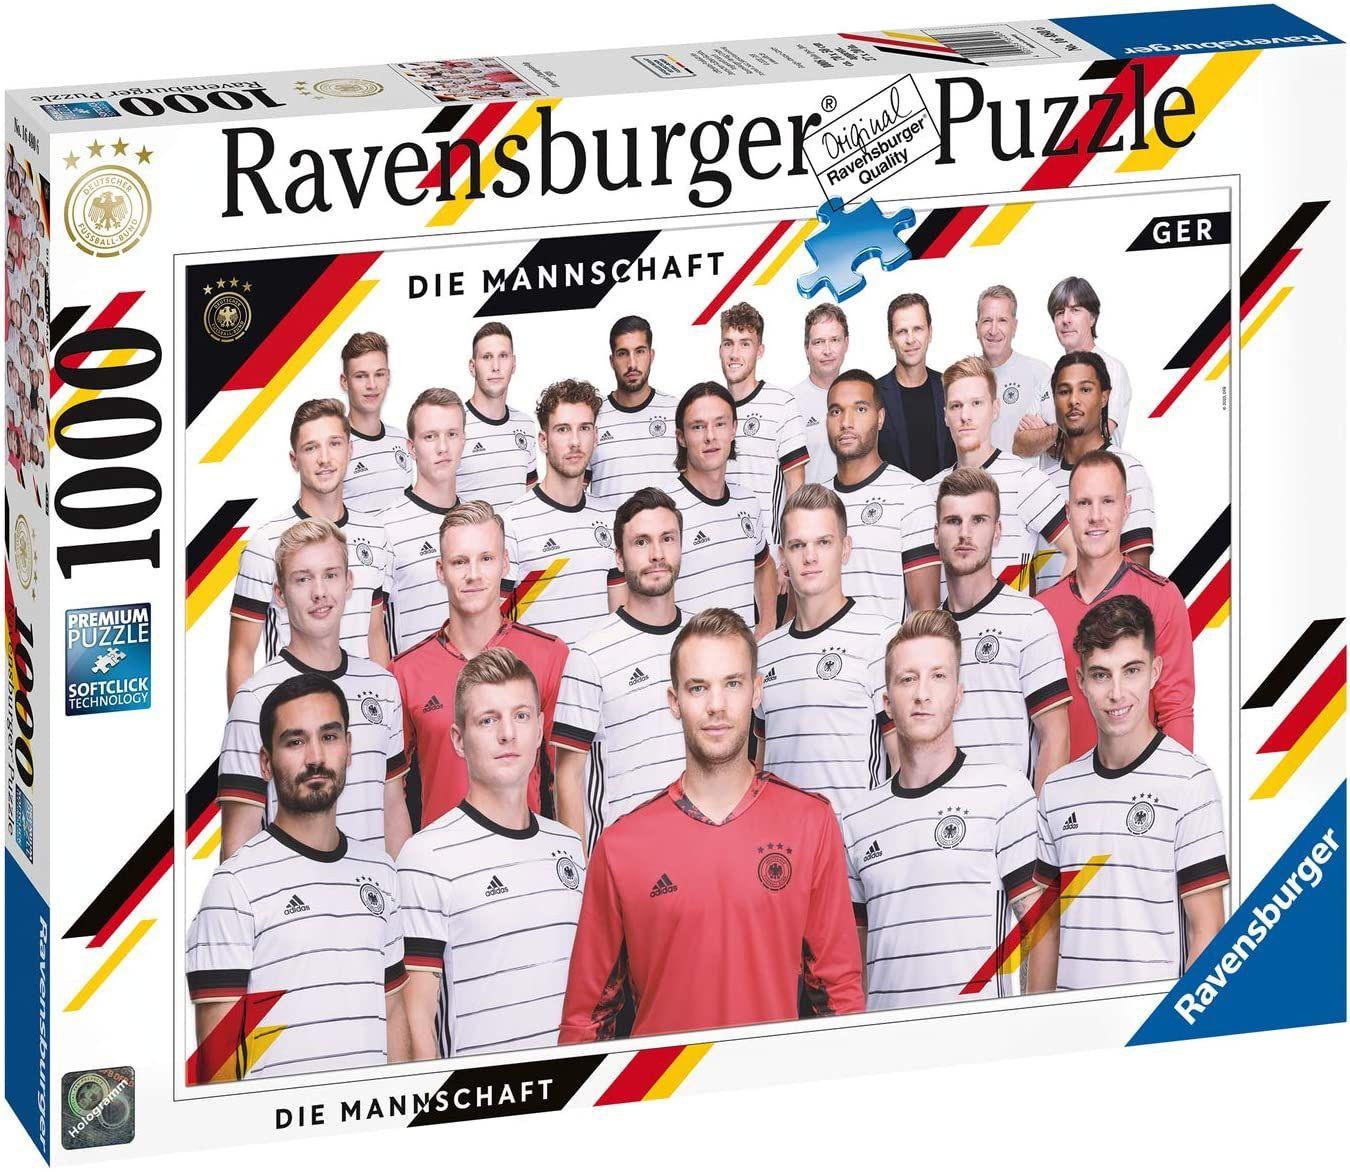 [Amazon UK] Spielzeug Brettspiele Sammeldeal (33), z.B. Ravensburger Die Mannschaft Puzzle 1000 Teile